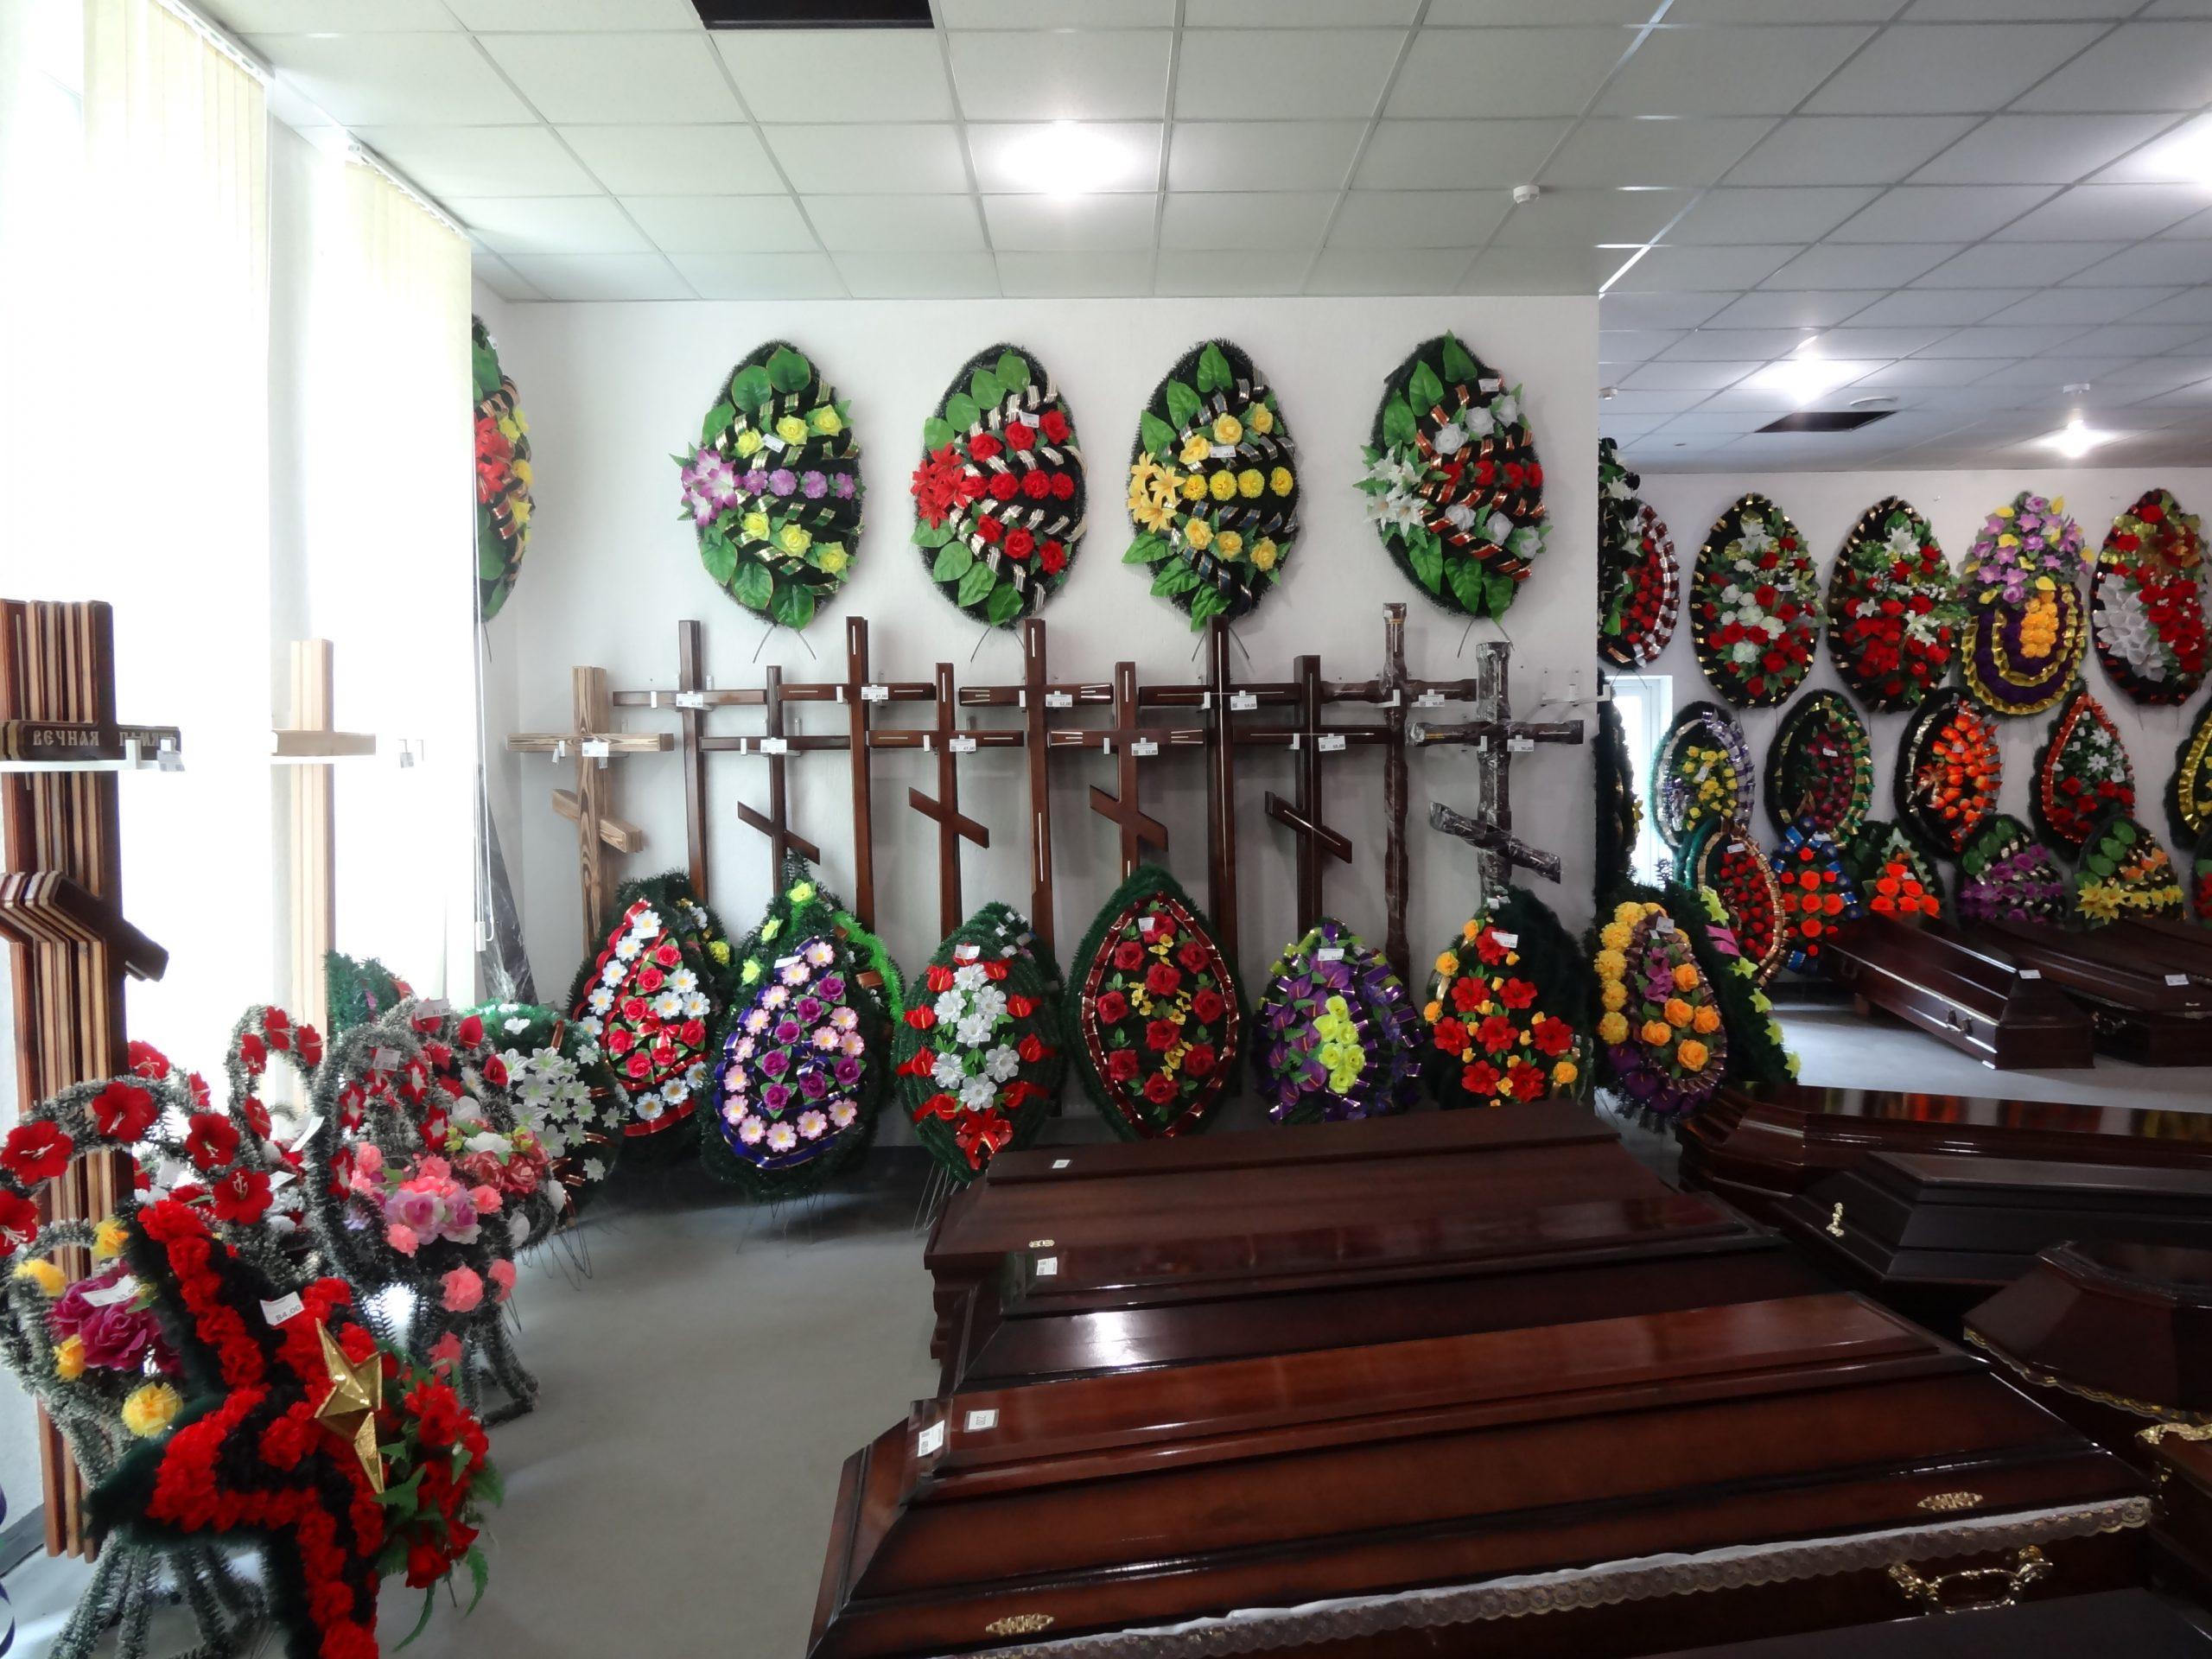 Производители ритуальных товаров заявили о росте цен свою продукцию